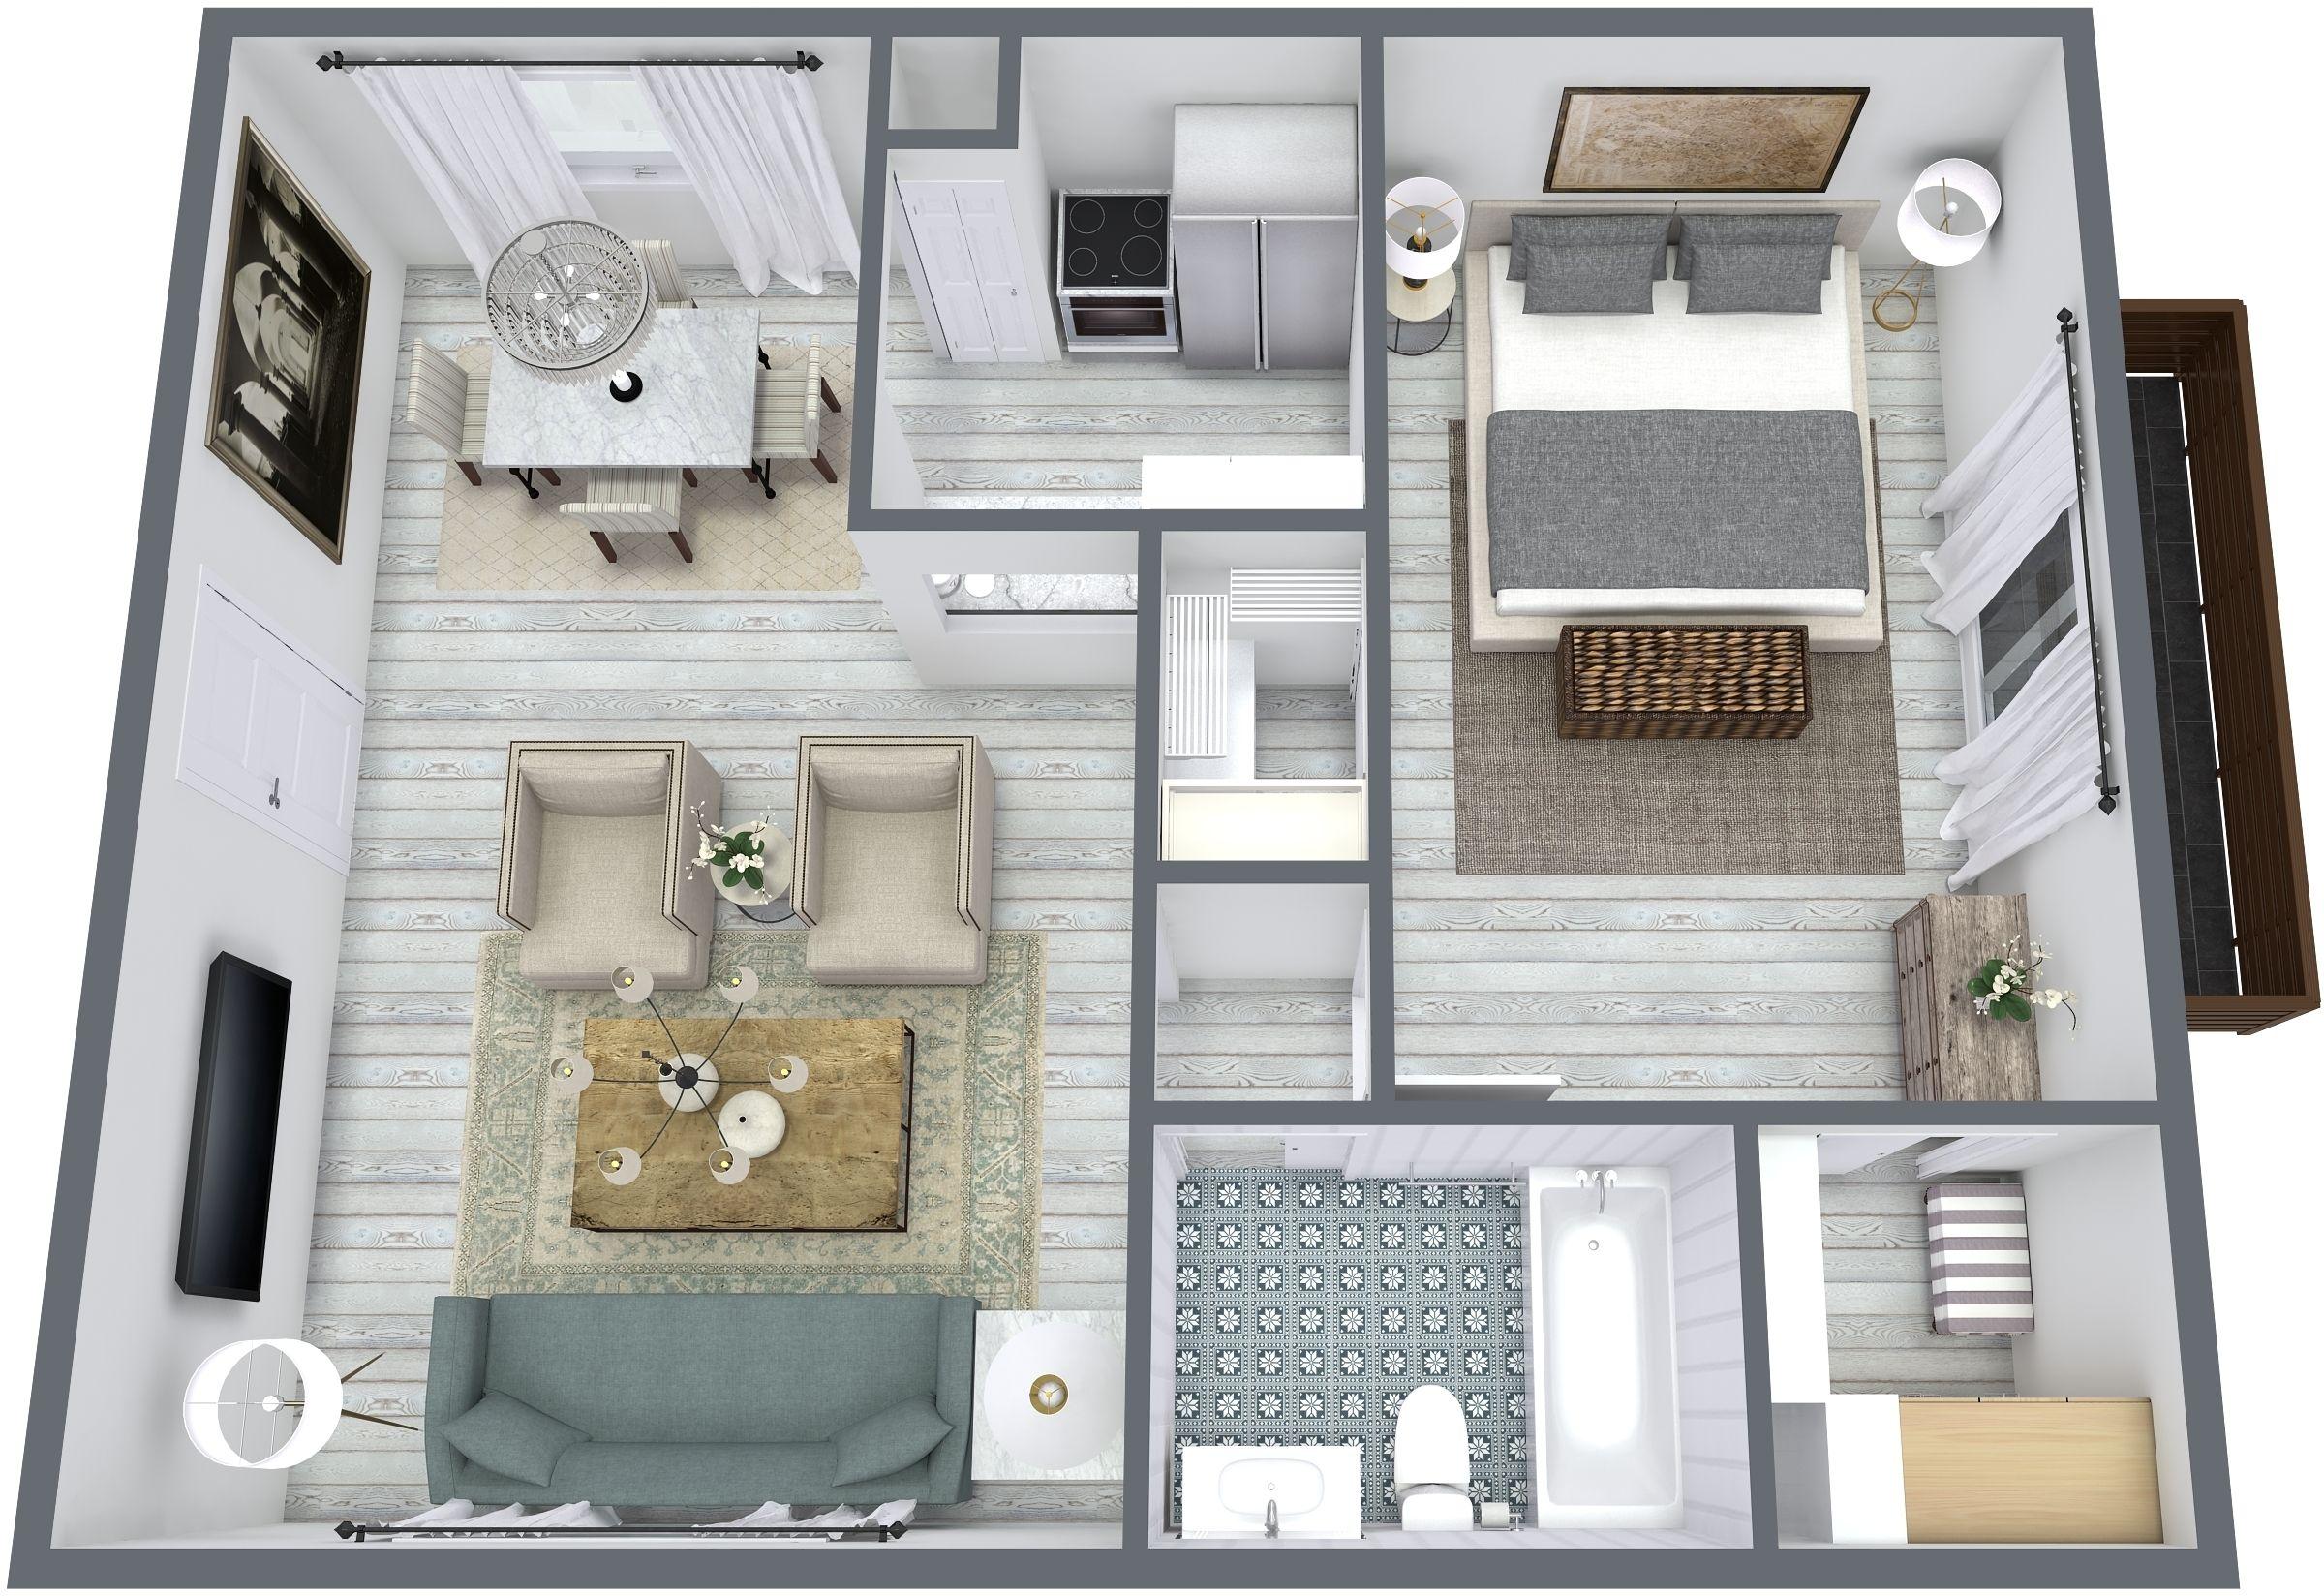 3D Floor plan by Blue-Sketch.com | 3D Floor Plan | Pinterest | 3d